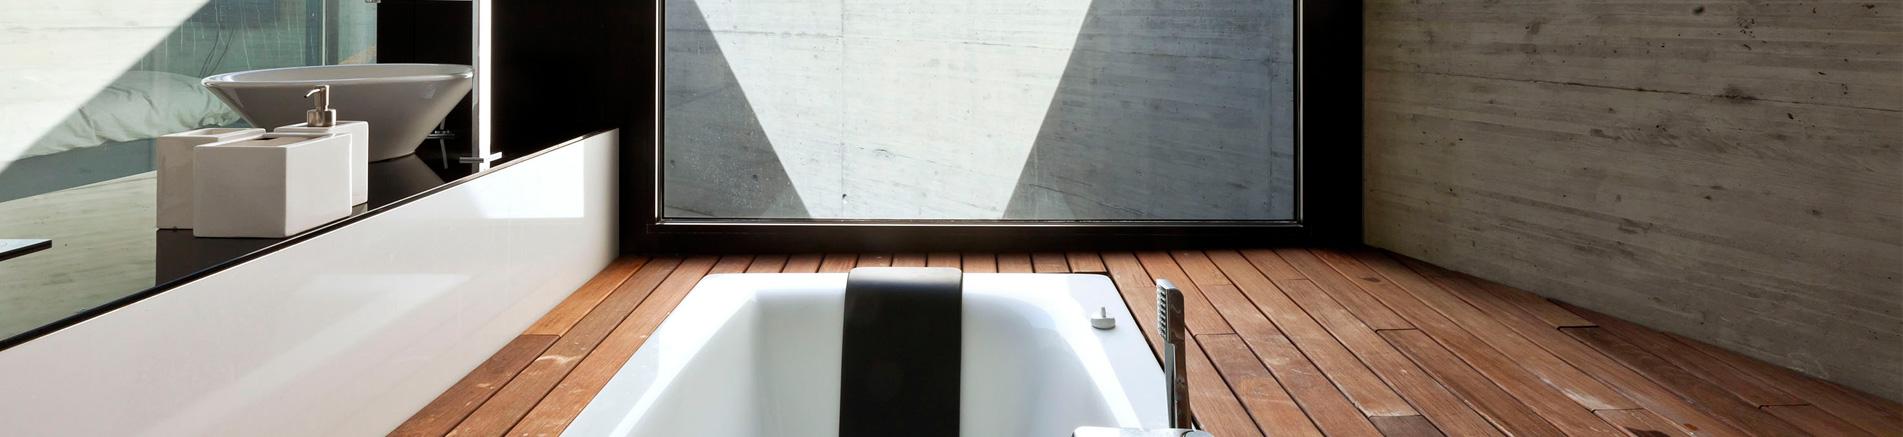 ejemplo reforma de baño